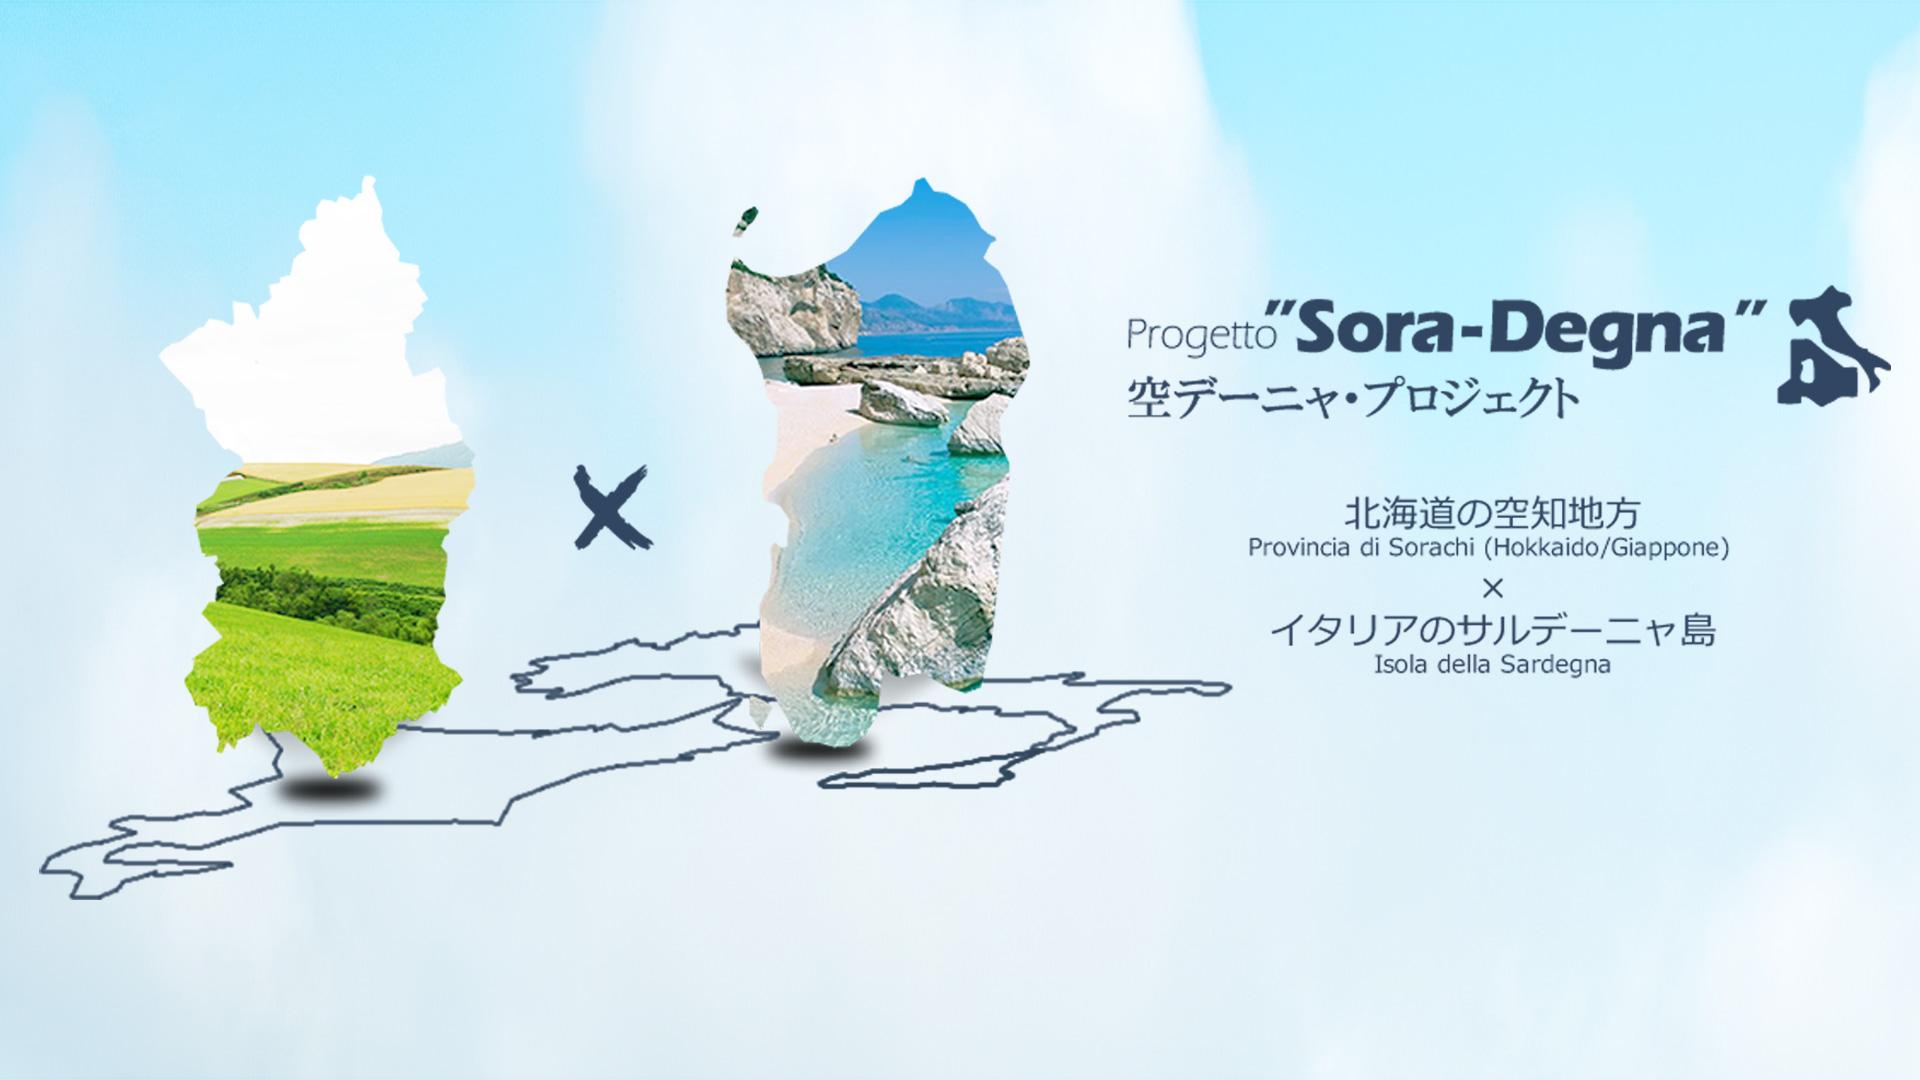 Progetto Sora-Degna